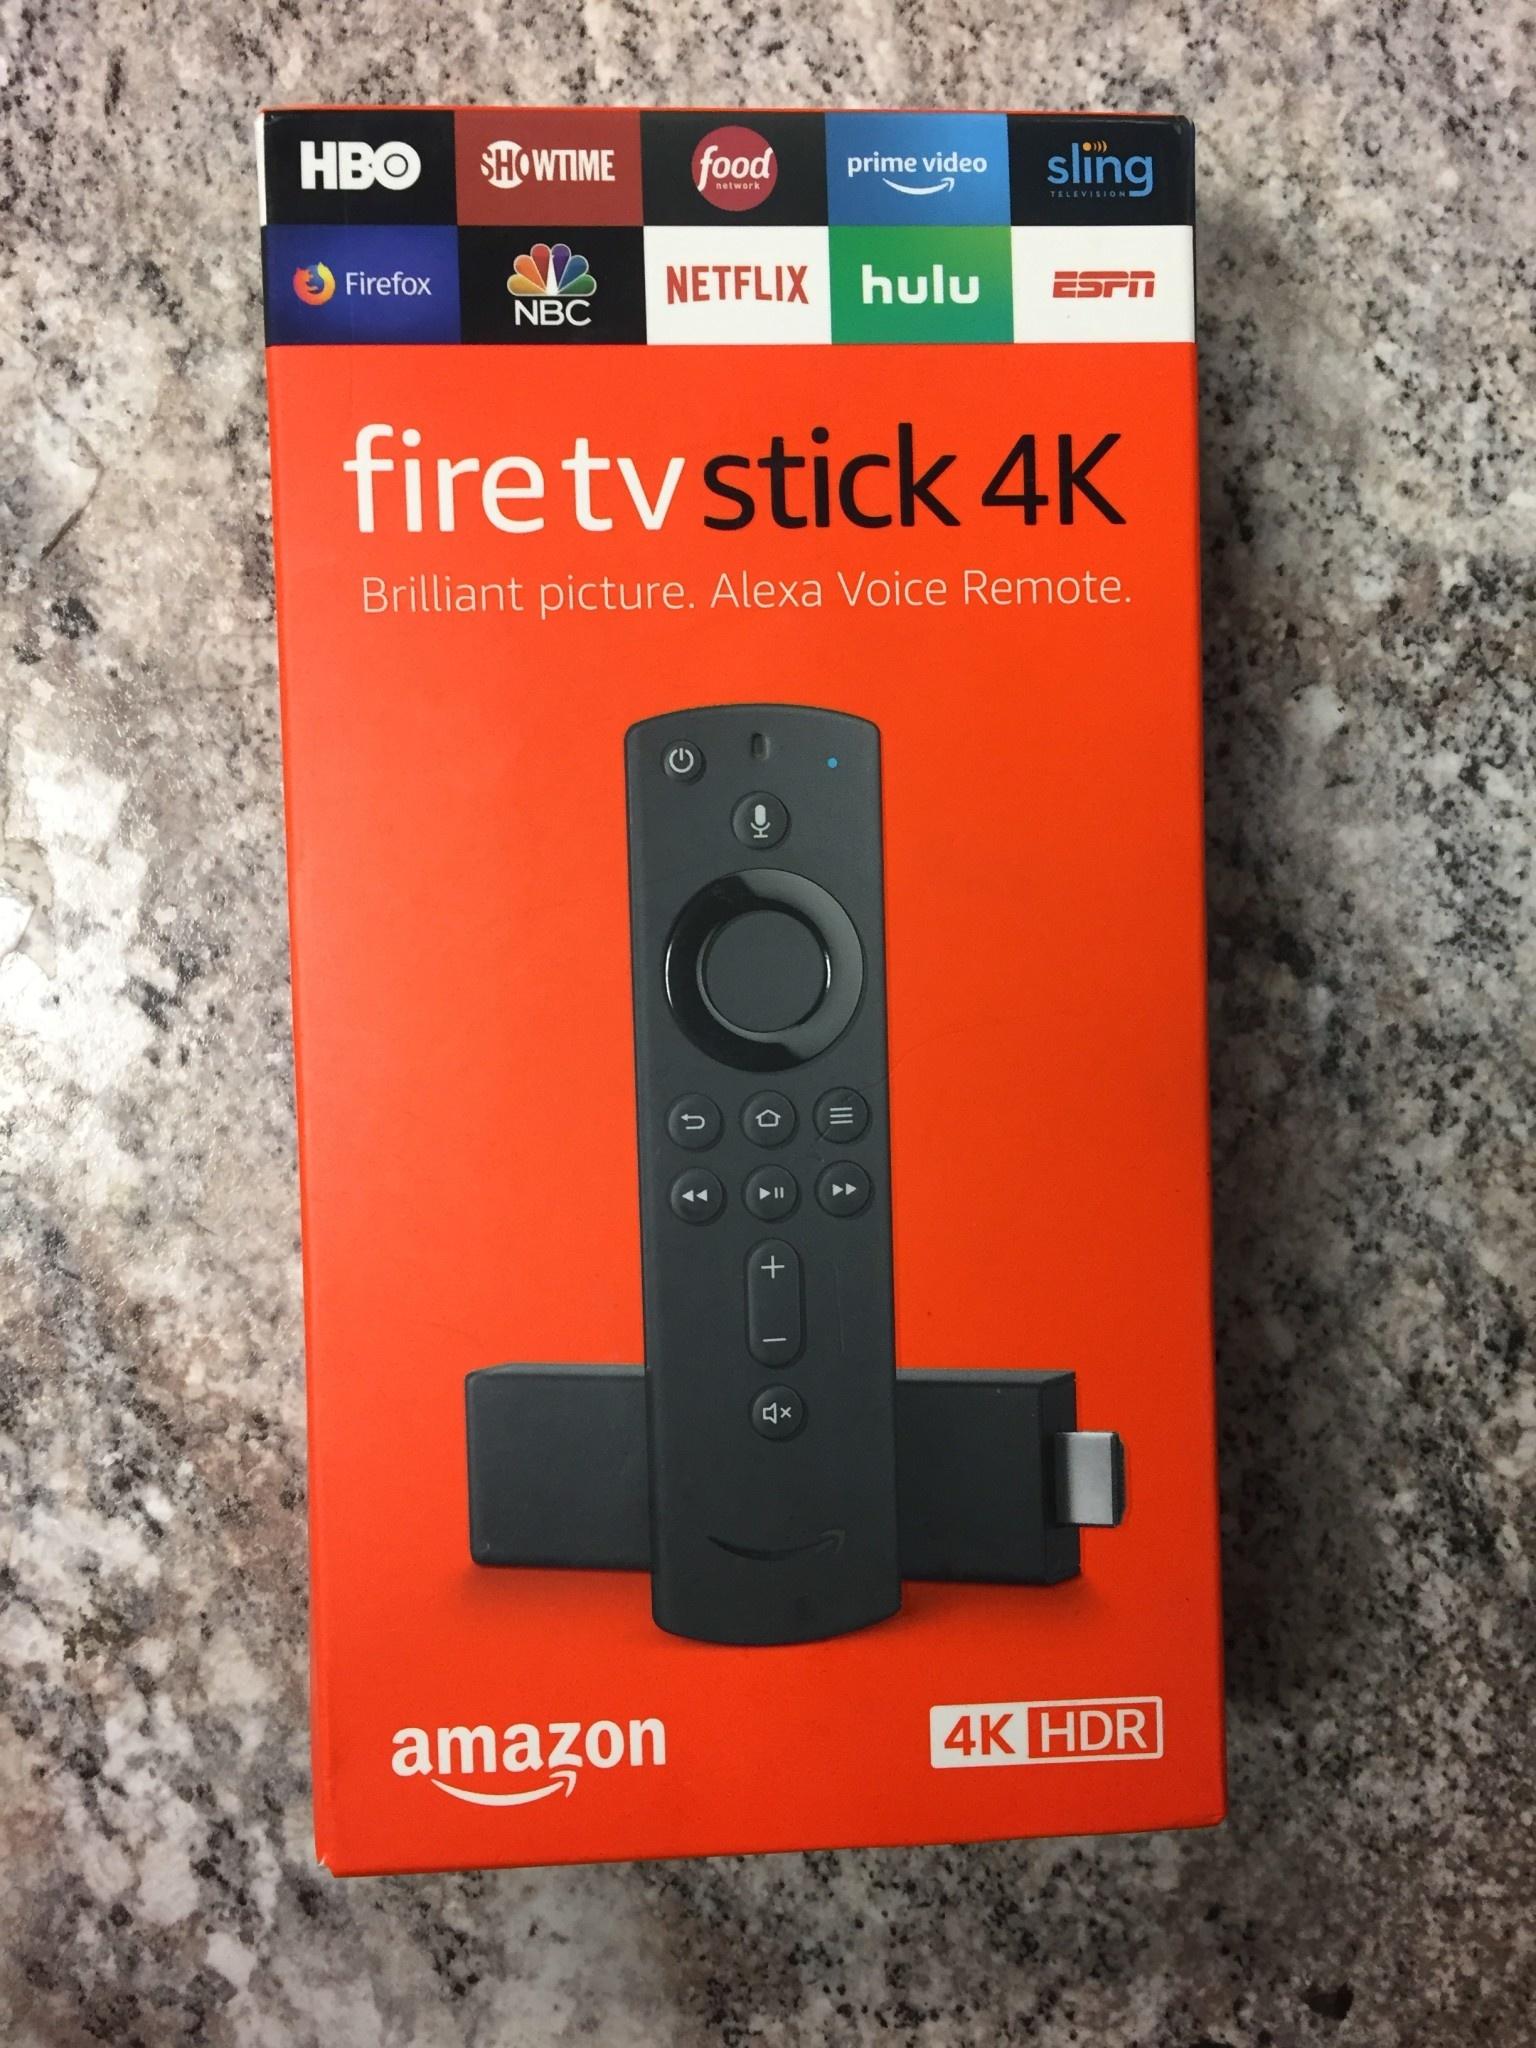 Amazon Fire TV Stick 4K HDR w/ Alexa Voice Remote